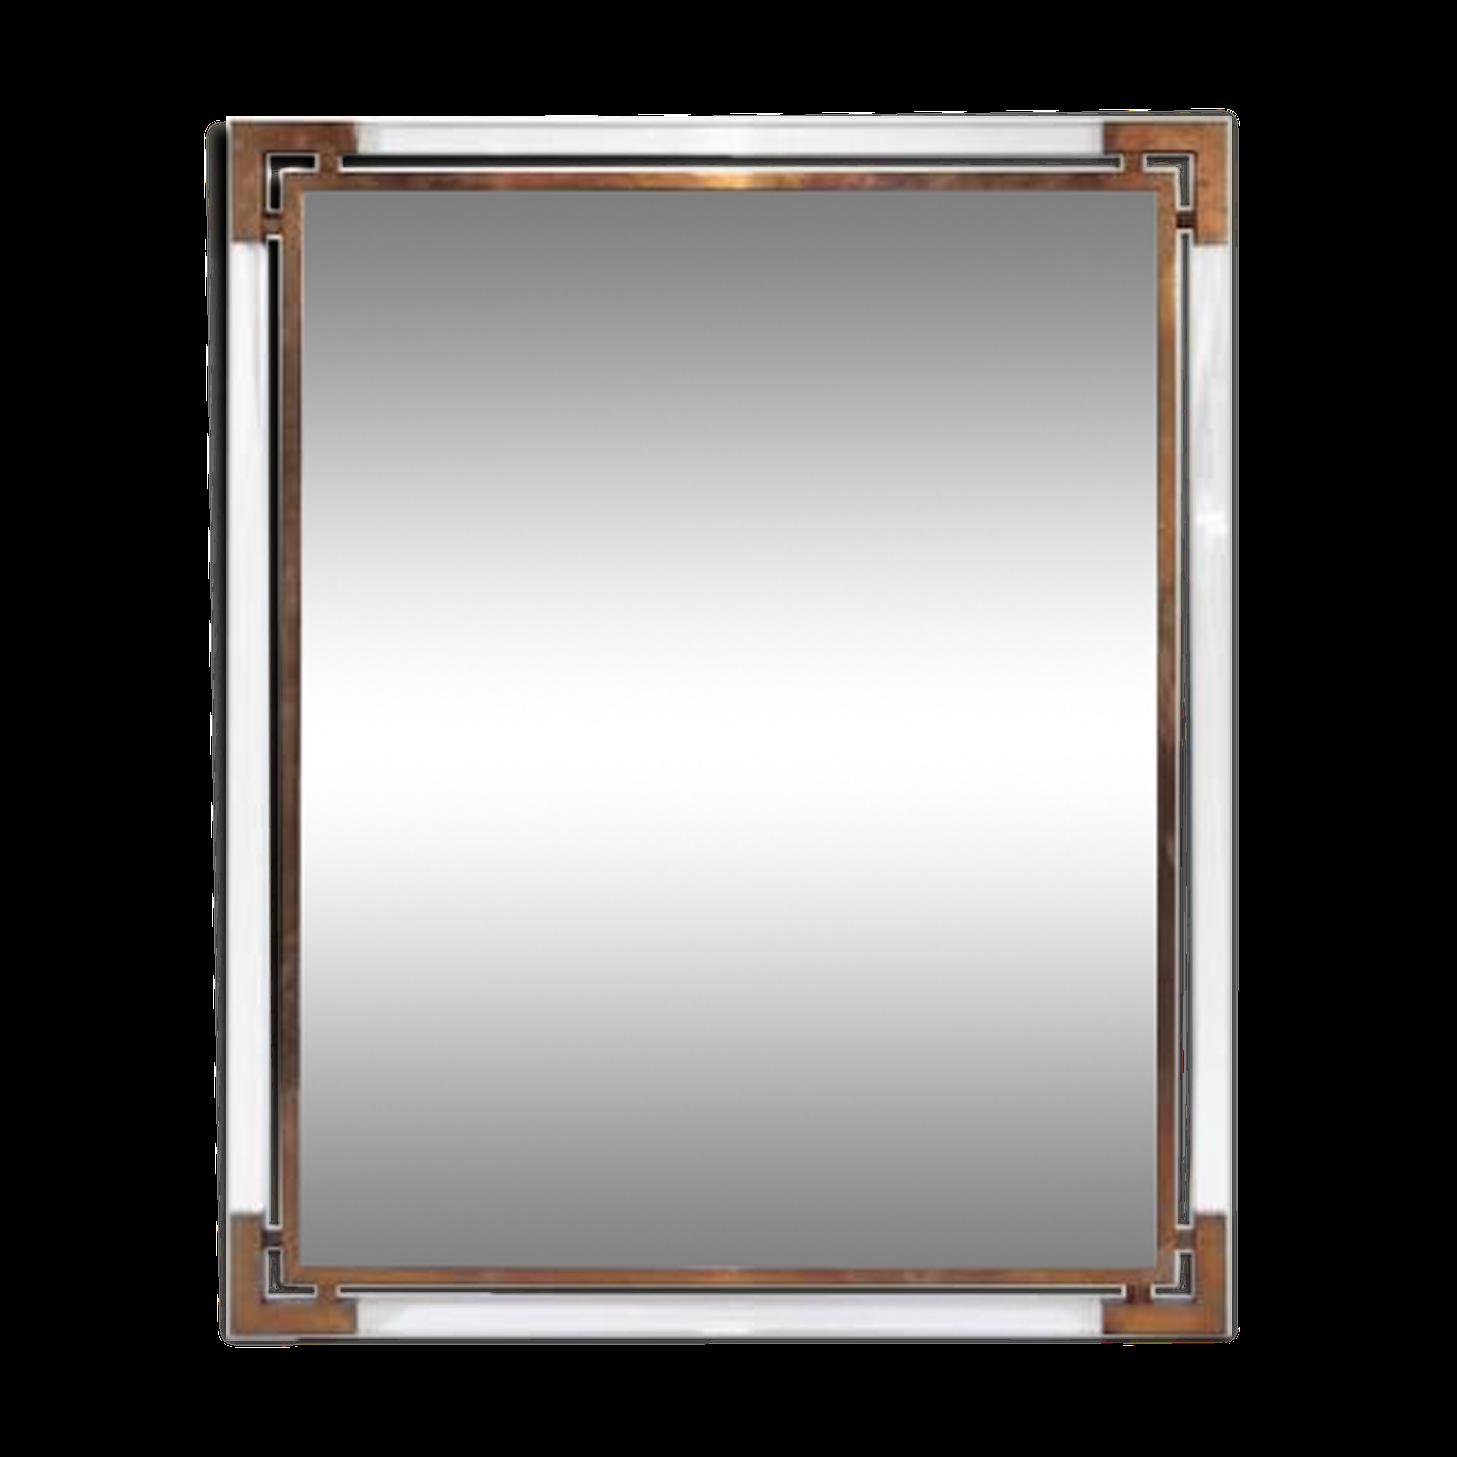 miroir industriel maison du monde perfect incroyable meuble tv industriel maison du monde. Black Bedroom Furniture Sets. Home Design Ideas